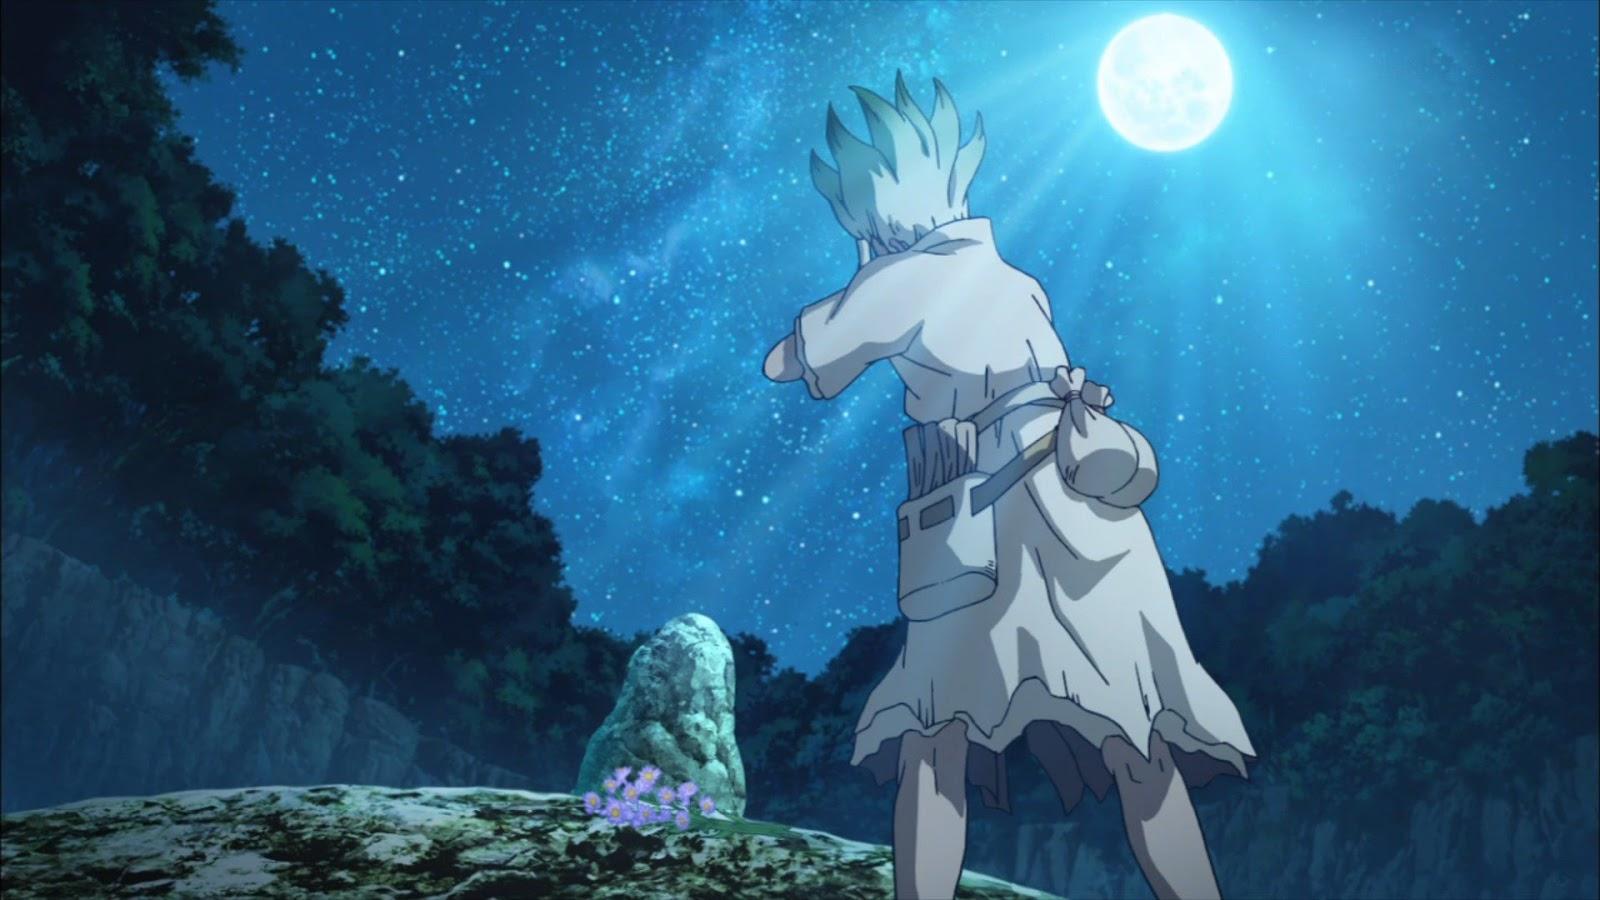 アニメ「ドクターストーン」17話感想 私達の祖先は空にいたの【おとぎ話】